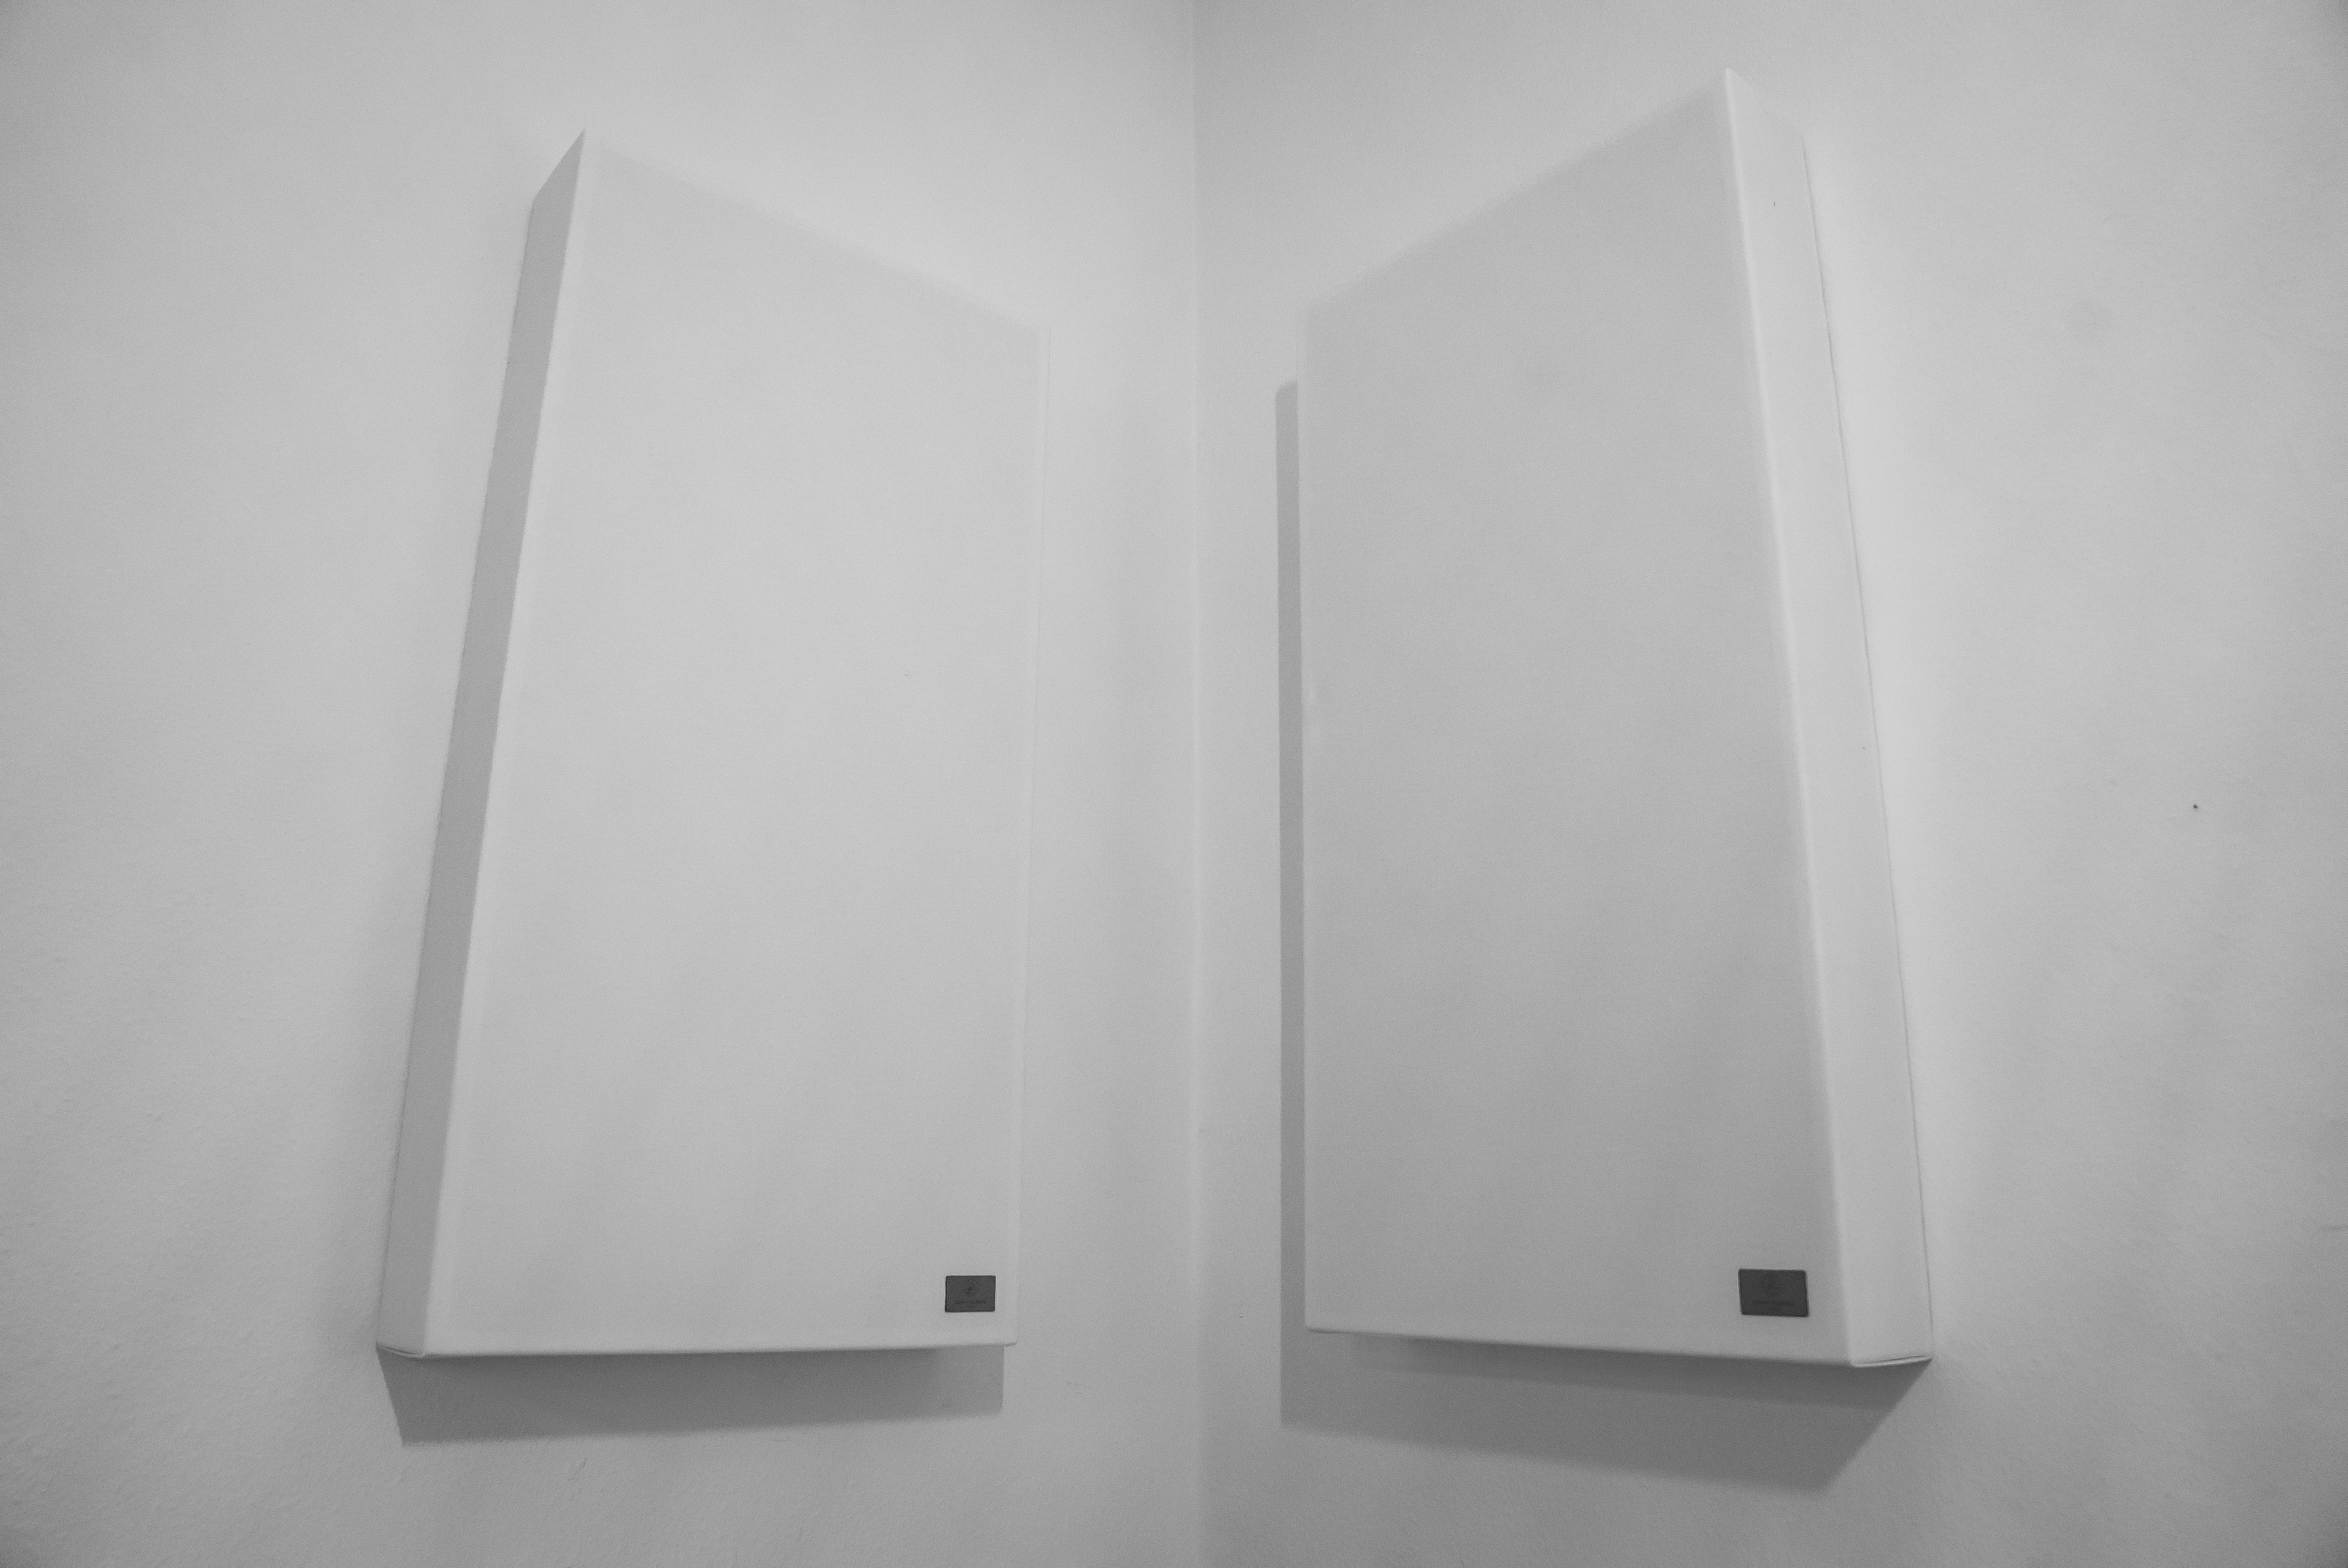 Schallabsorber im Raum, Anwendungsbeispiel 2